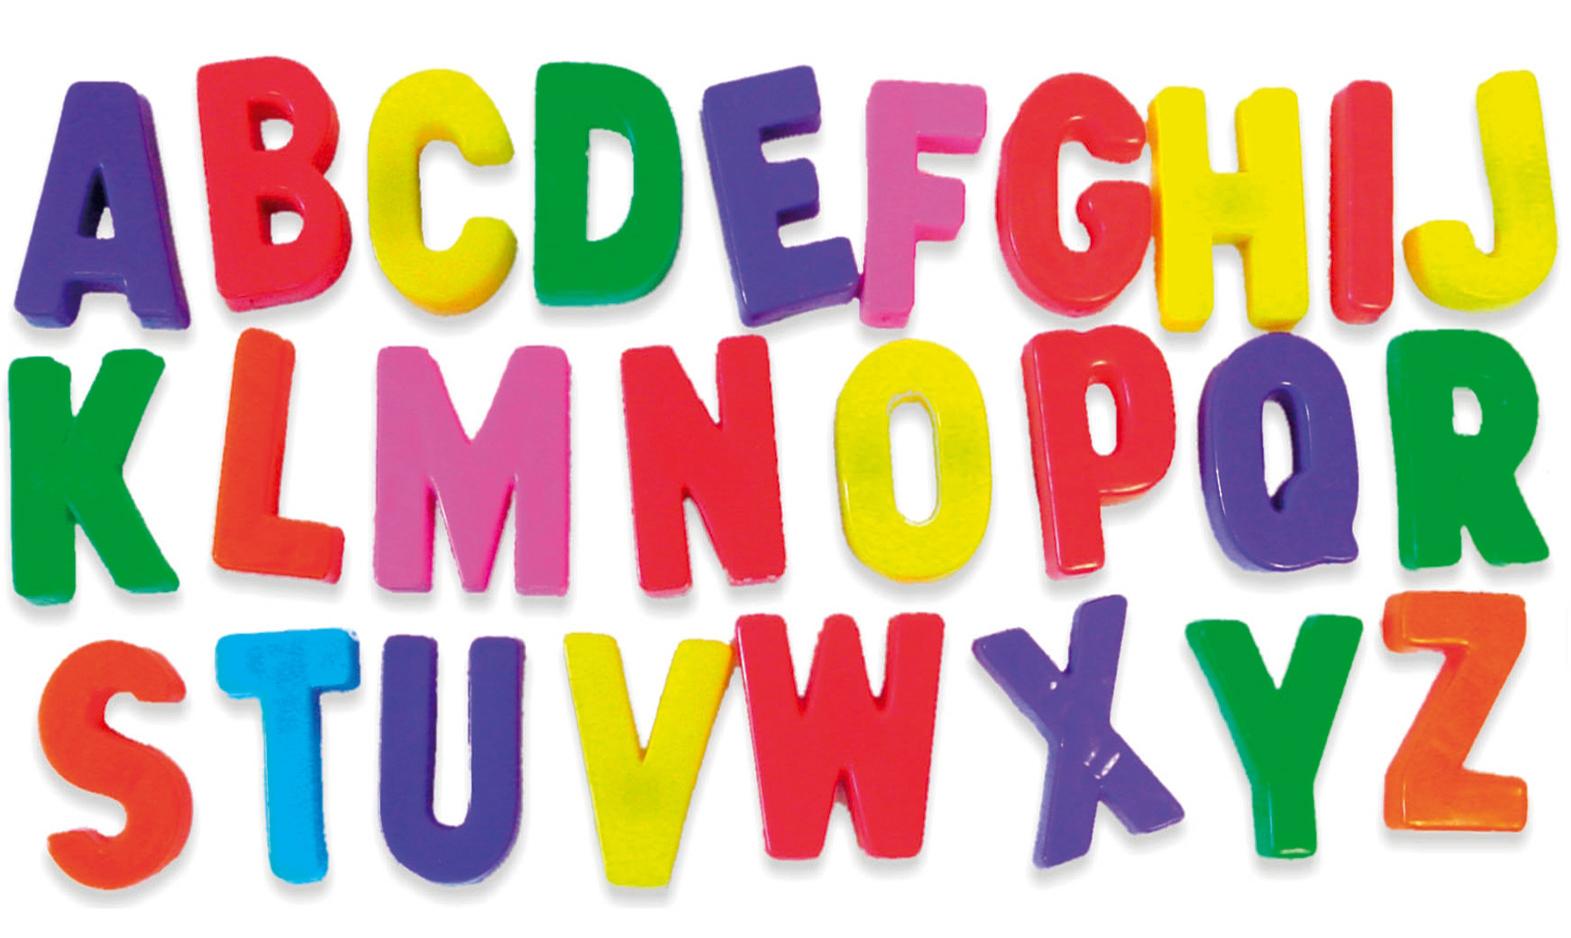 صور حروف انجليزي 2016